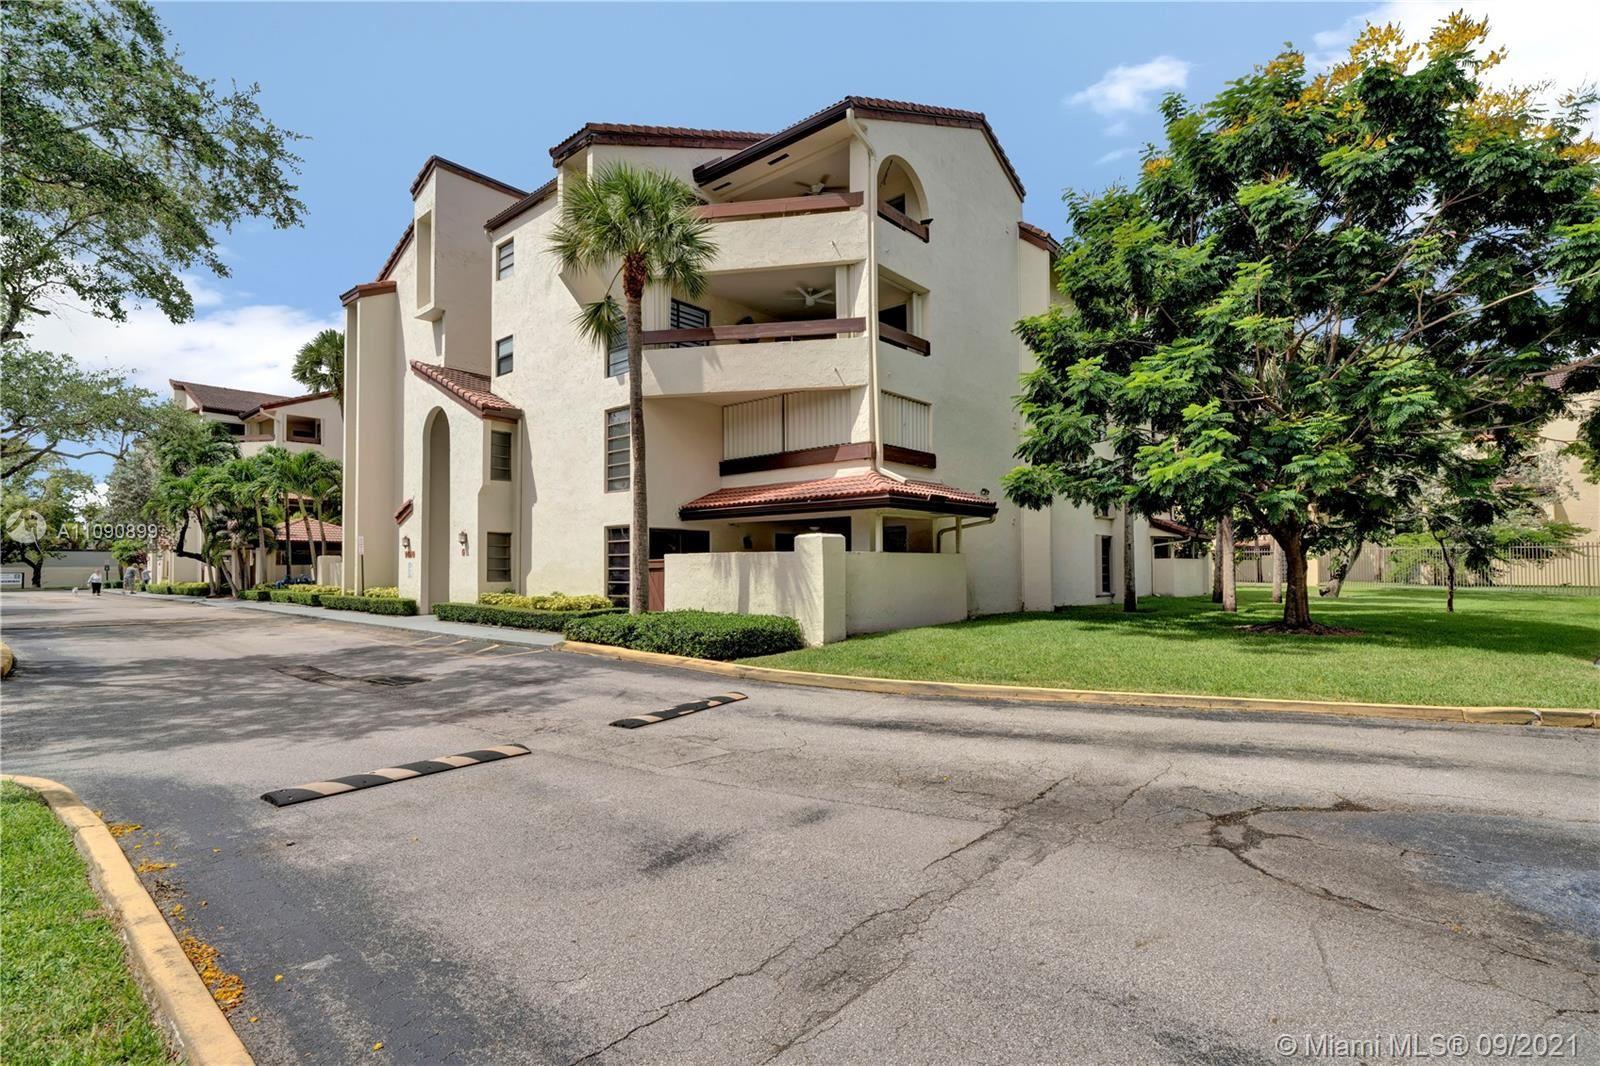 9010 SW 125th Ave #G108, Miami, FL 33186 - #: A11090899